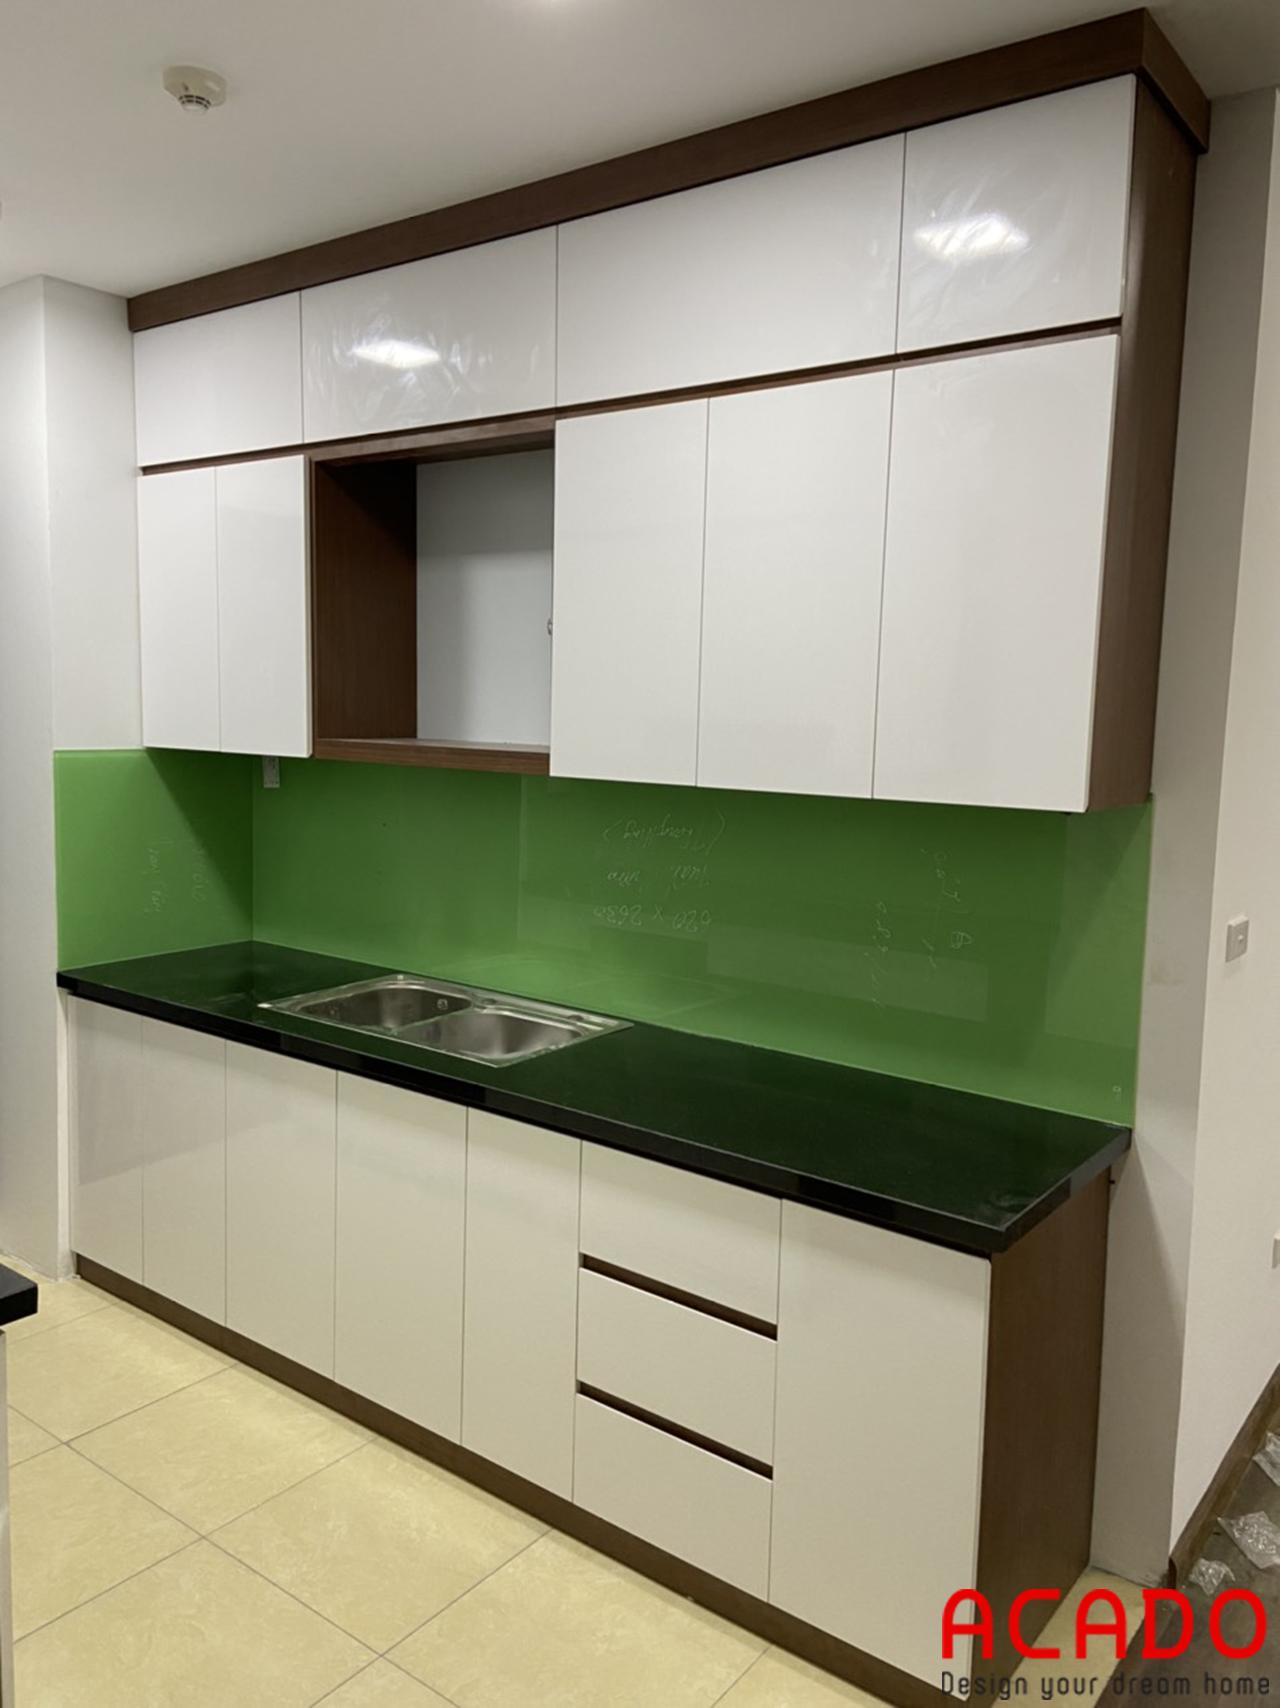 Nhà chị Thủy sử dụng kính bếp màu xanh cốm trẻ trung và hiện đại